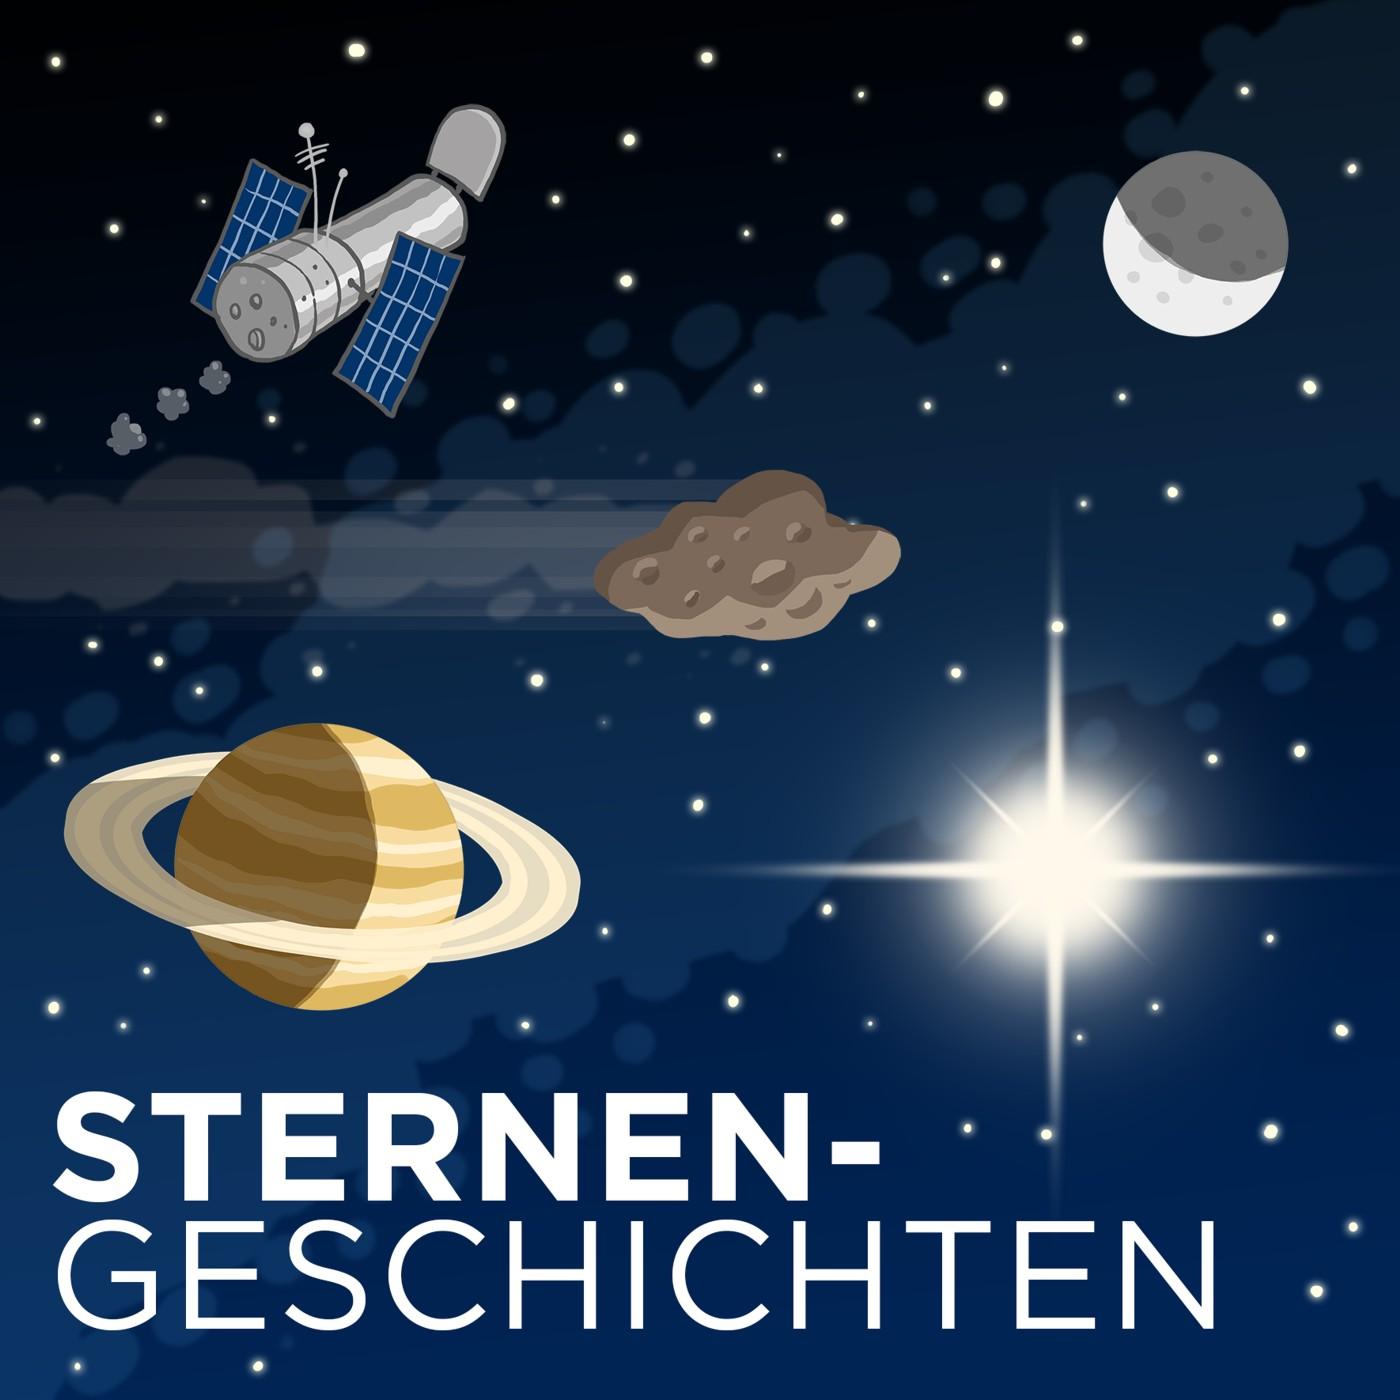 Sternengeschichten Folge 382: Der Saturnmond Tethys